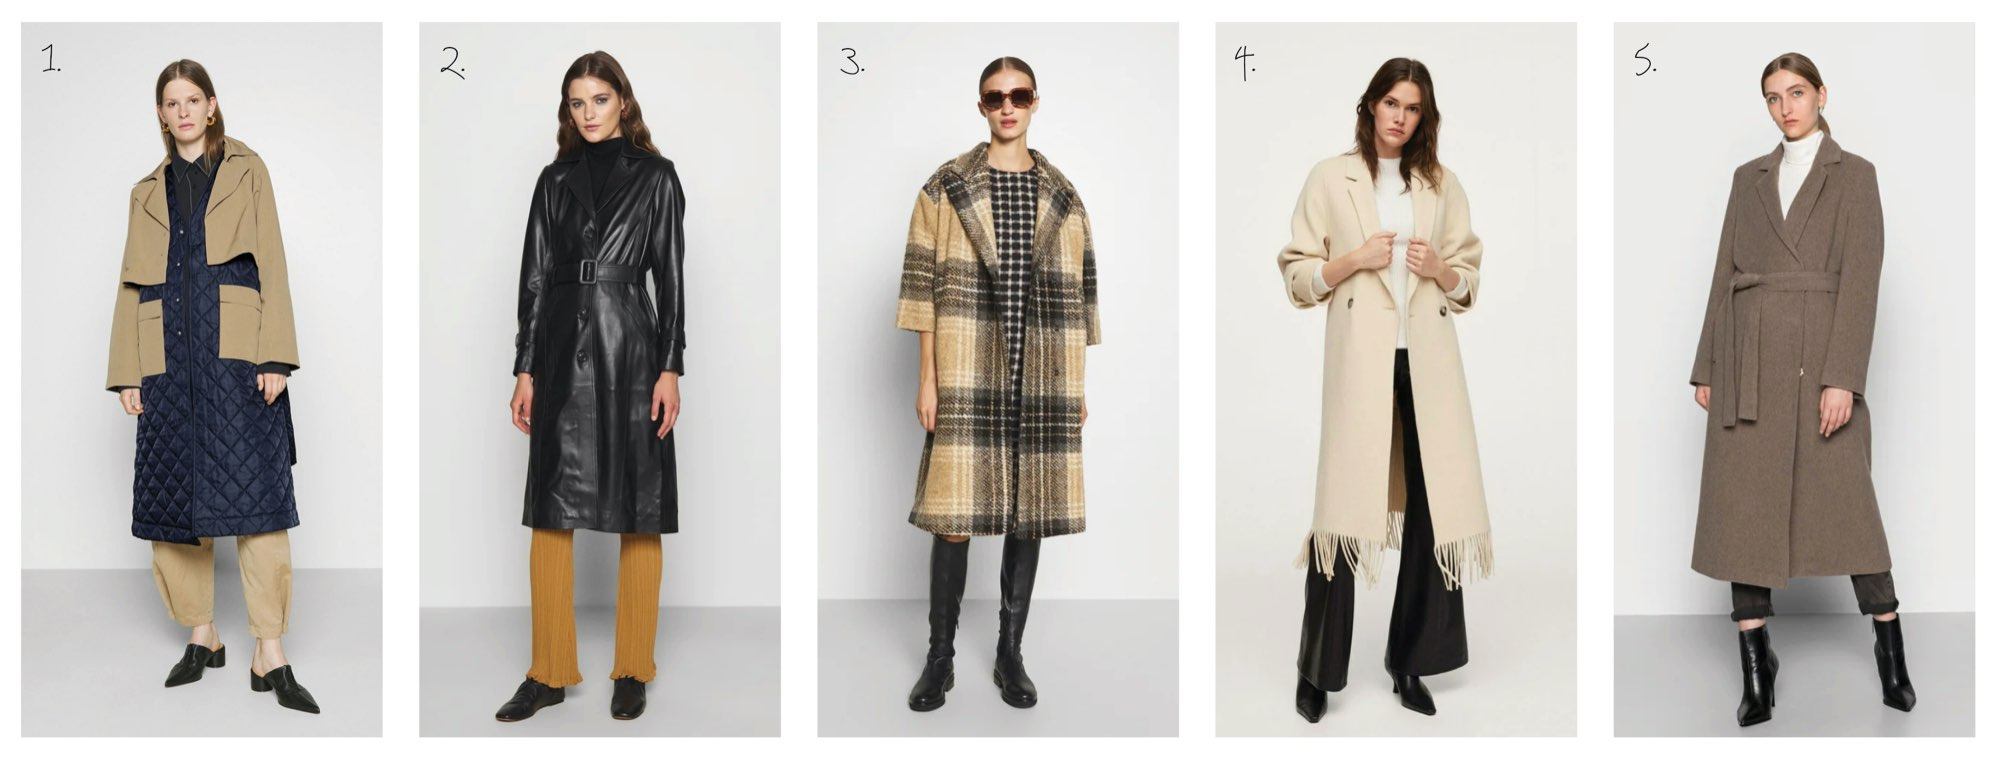 Bild zum Make up & Fashion Blog - bleibe-diesen-herbst-warm---von-mimmi-ID14712-01.jpeg?v=1632910530